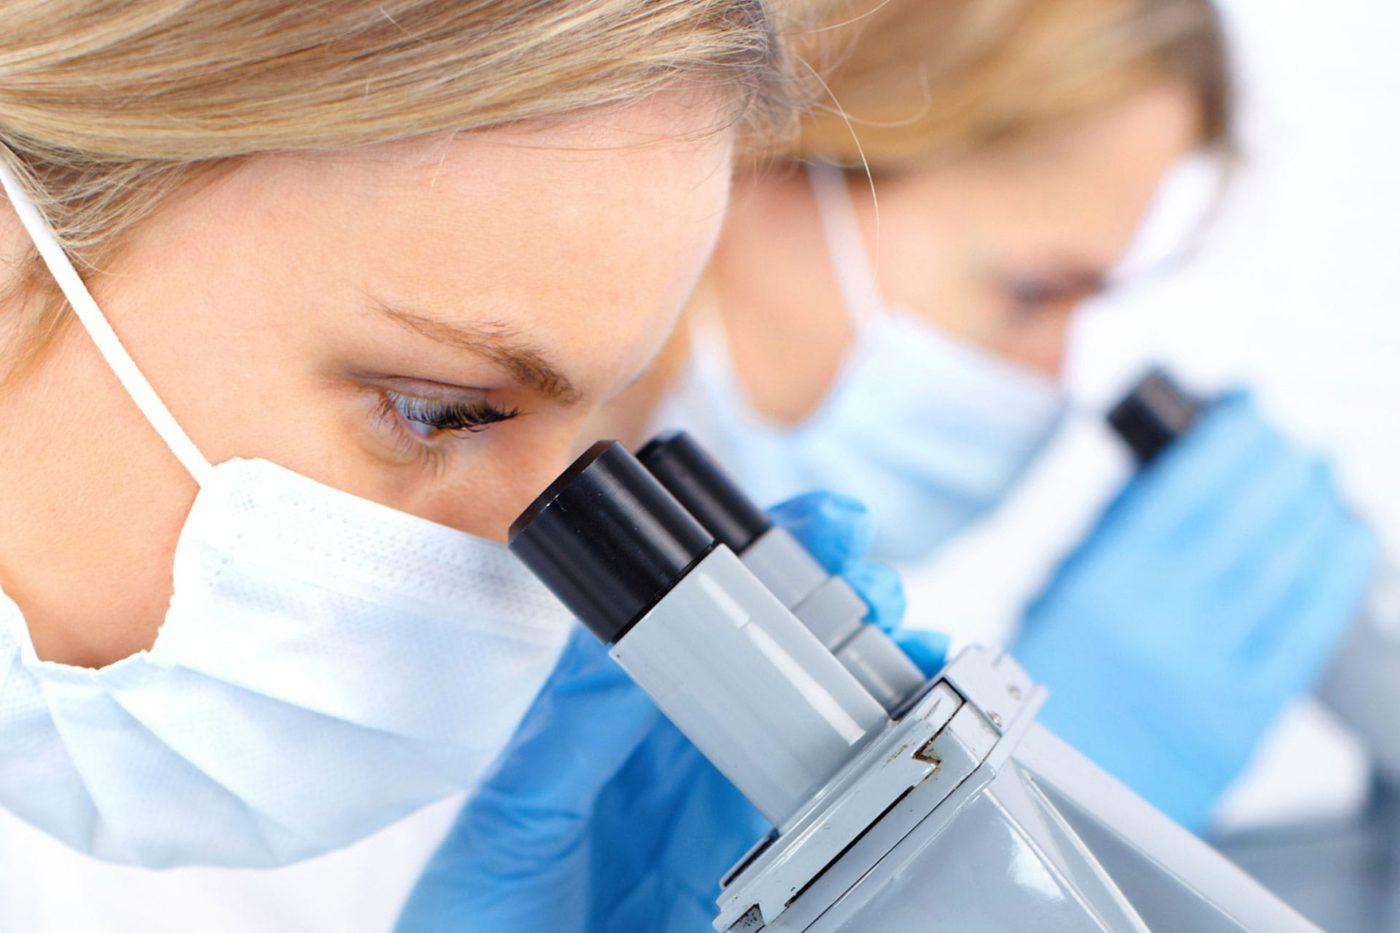 Биопсия кишечника: противопоказания, как делают, возможные осложнения, что показывает, как долго проводится, сколько готовится анализ